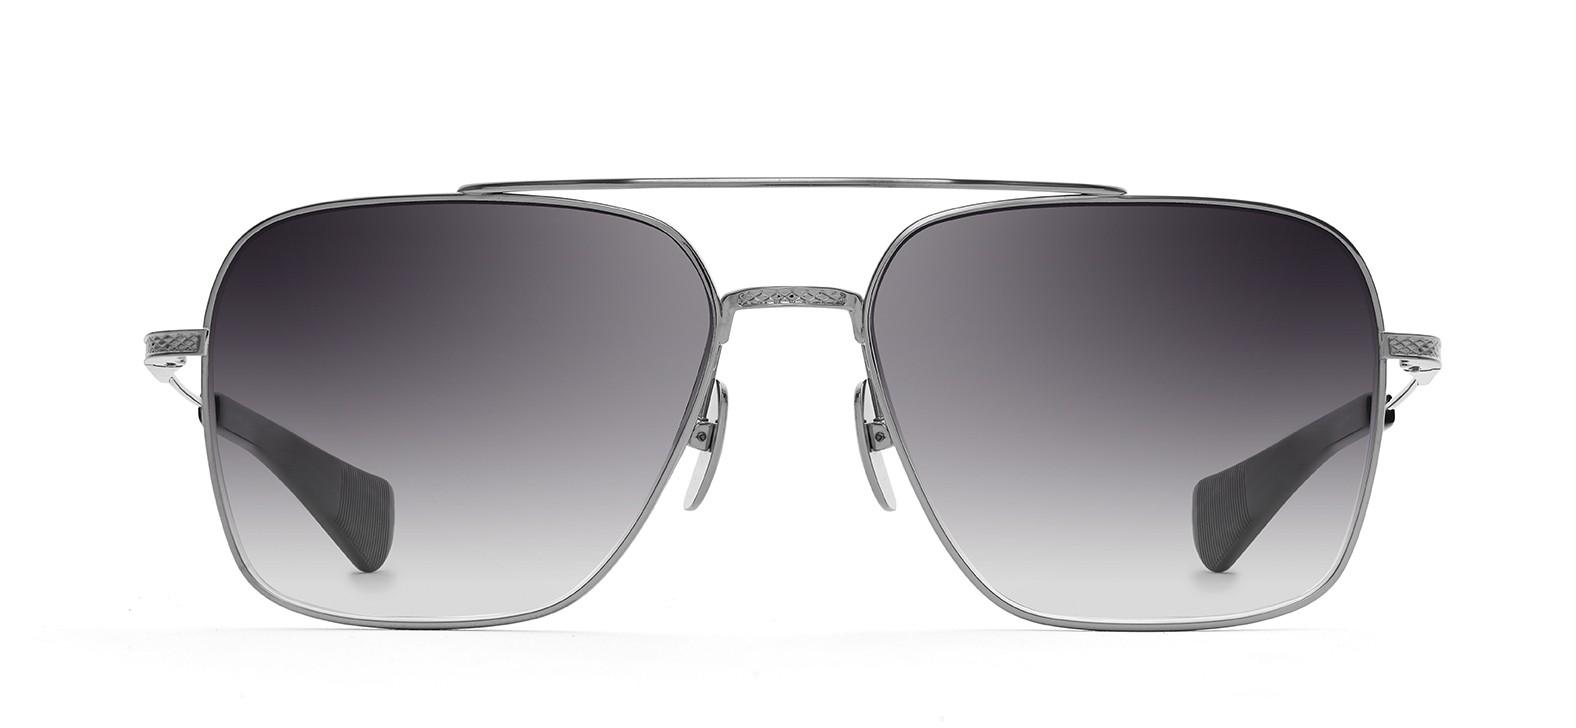 Męskie okulary dita przeciwsłoneczne FLIGHT-SEVEN DTS111-57